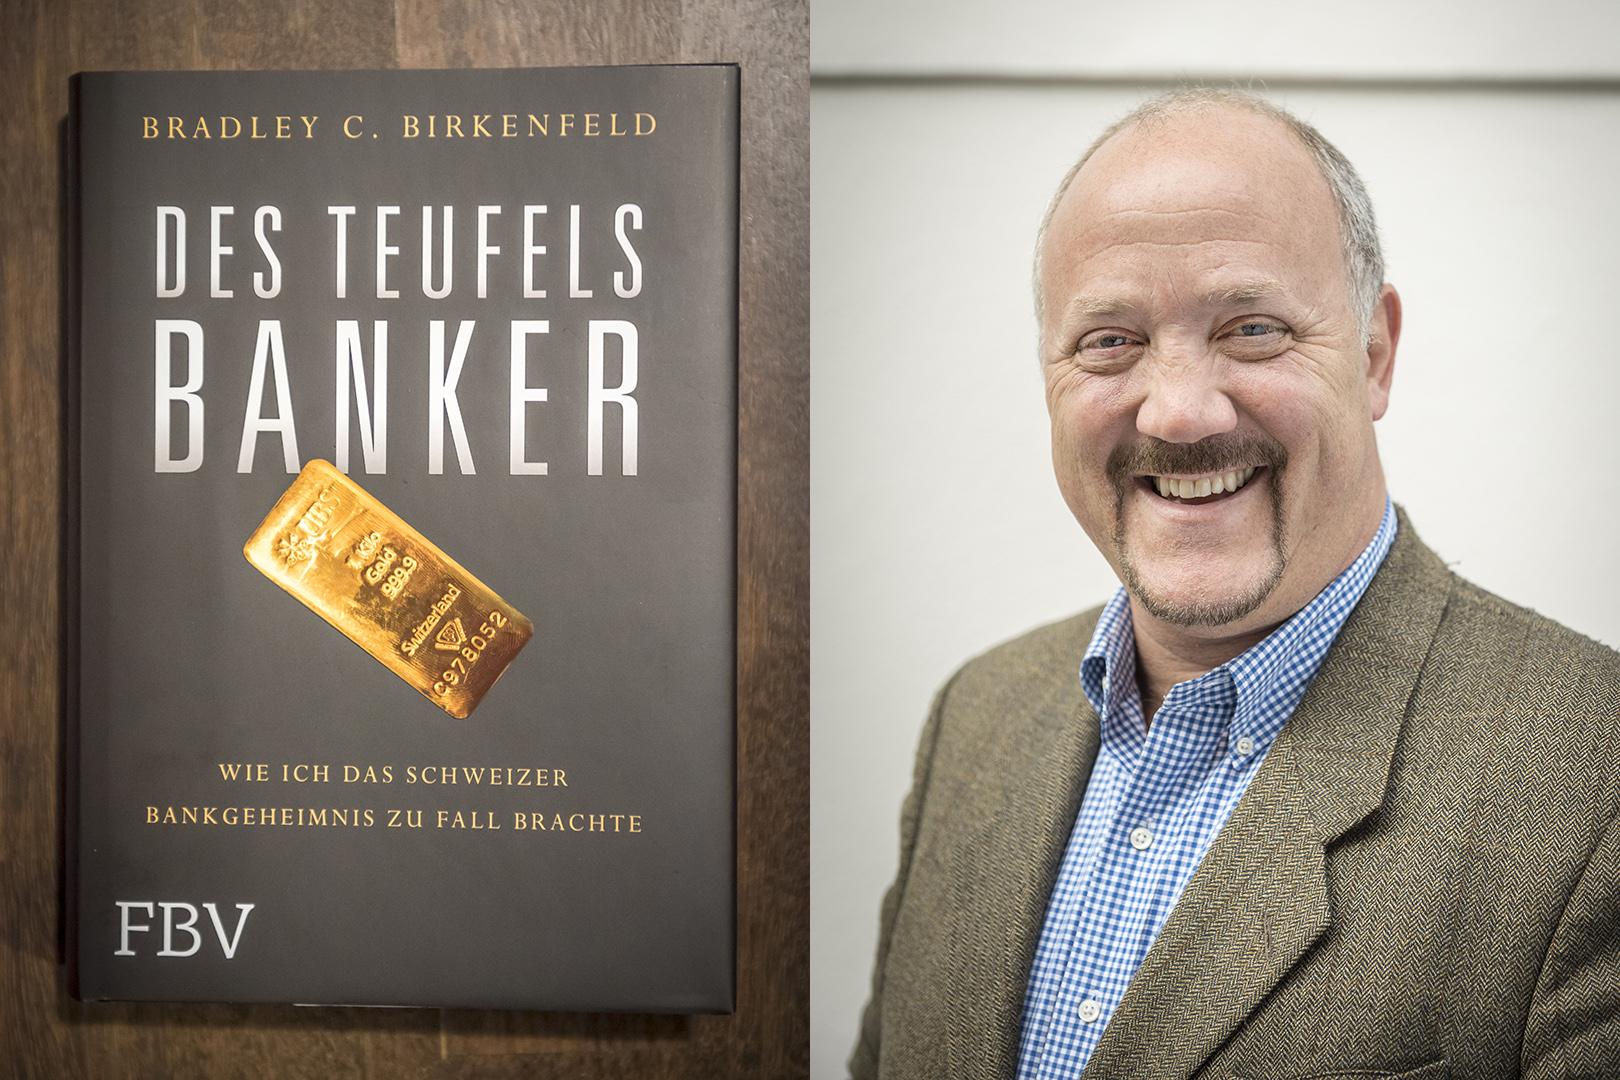 """Bradley Charles Birkenfeld, 52, US-amerikanischer Bankmanager und """"Whistleblower"""", am Berliner Kurfürstendamm. Berlin, 05.04.2017"""